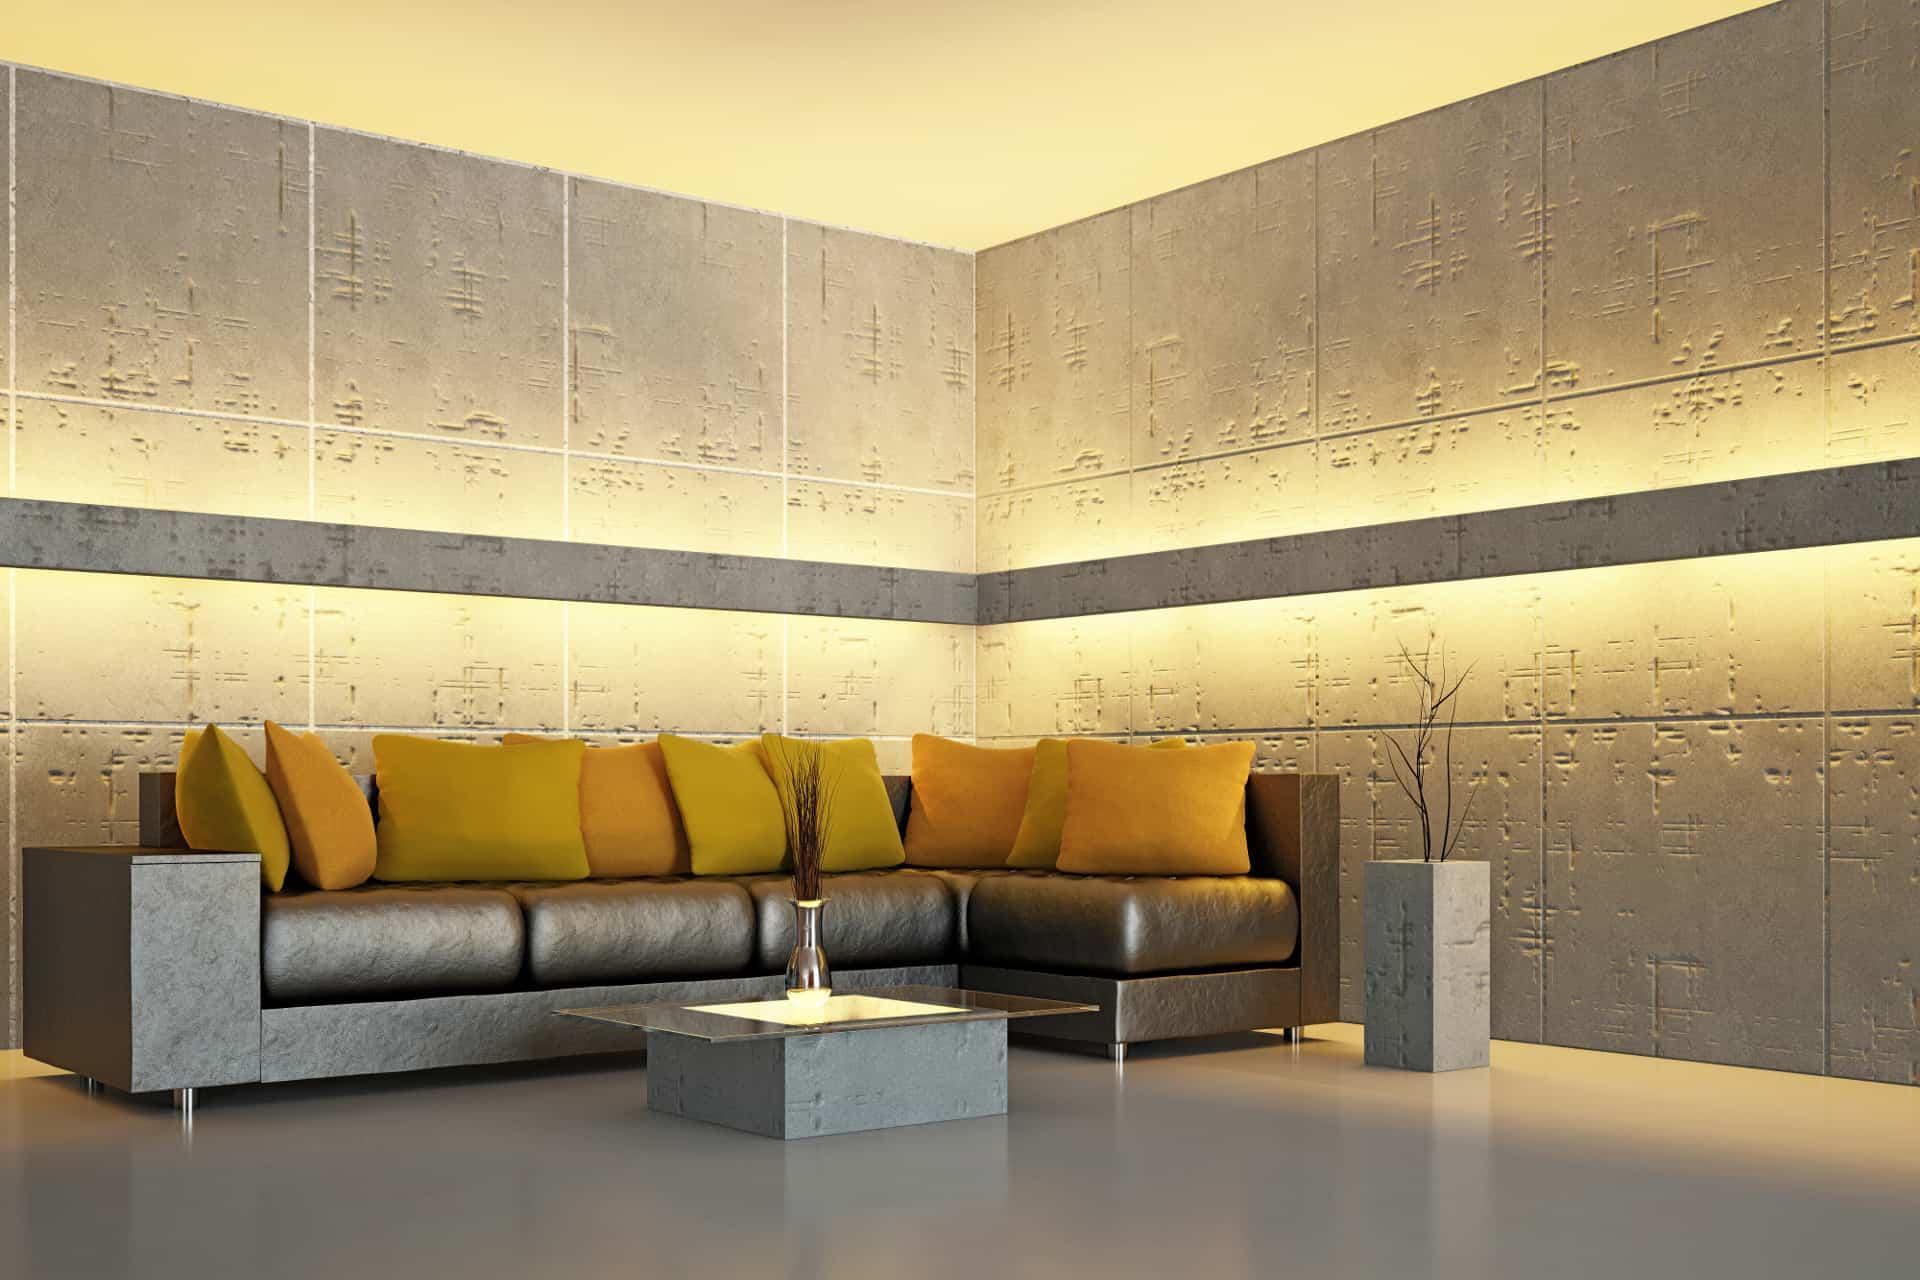 Full Size of Indirekte Beleuchtung Wohnzimmer Diy Indirekte Beleuchtung Für Wohnzimmer Indirekte Beleuchtung Wohnzimmer Kosten Indirekte Beleuchtung Wohnzimmer Decke Wohnzimmer Indirekte Beleuchtung Wohnzimmer